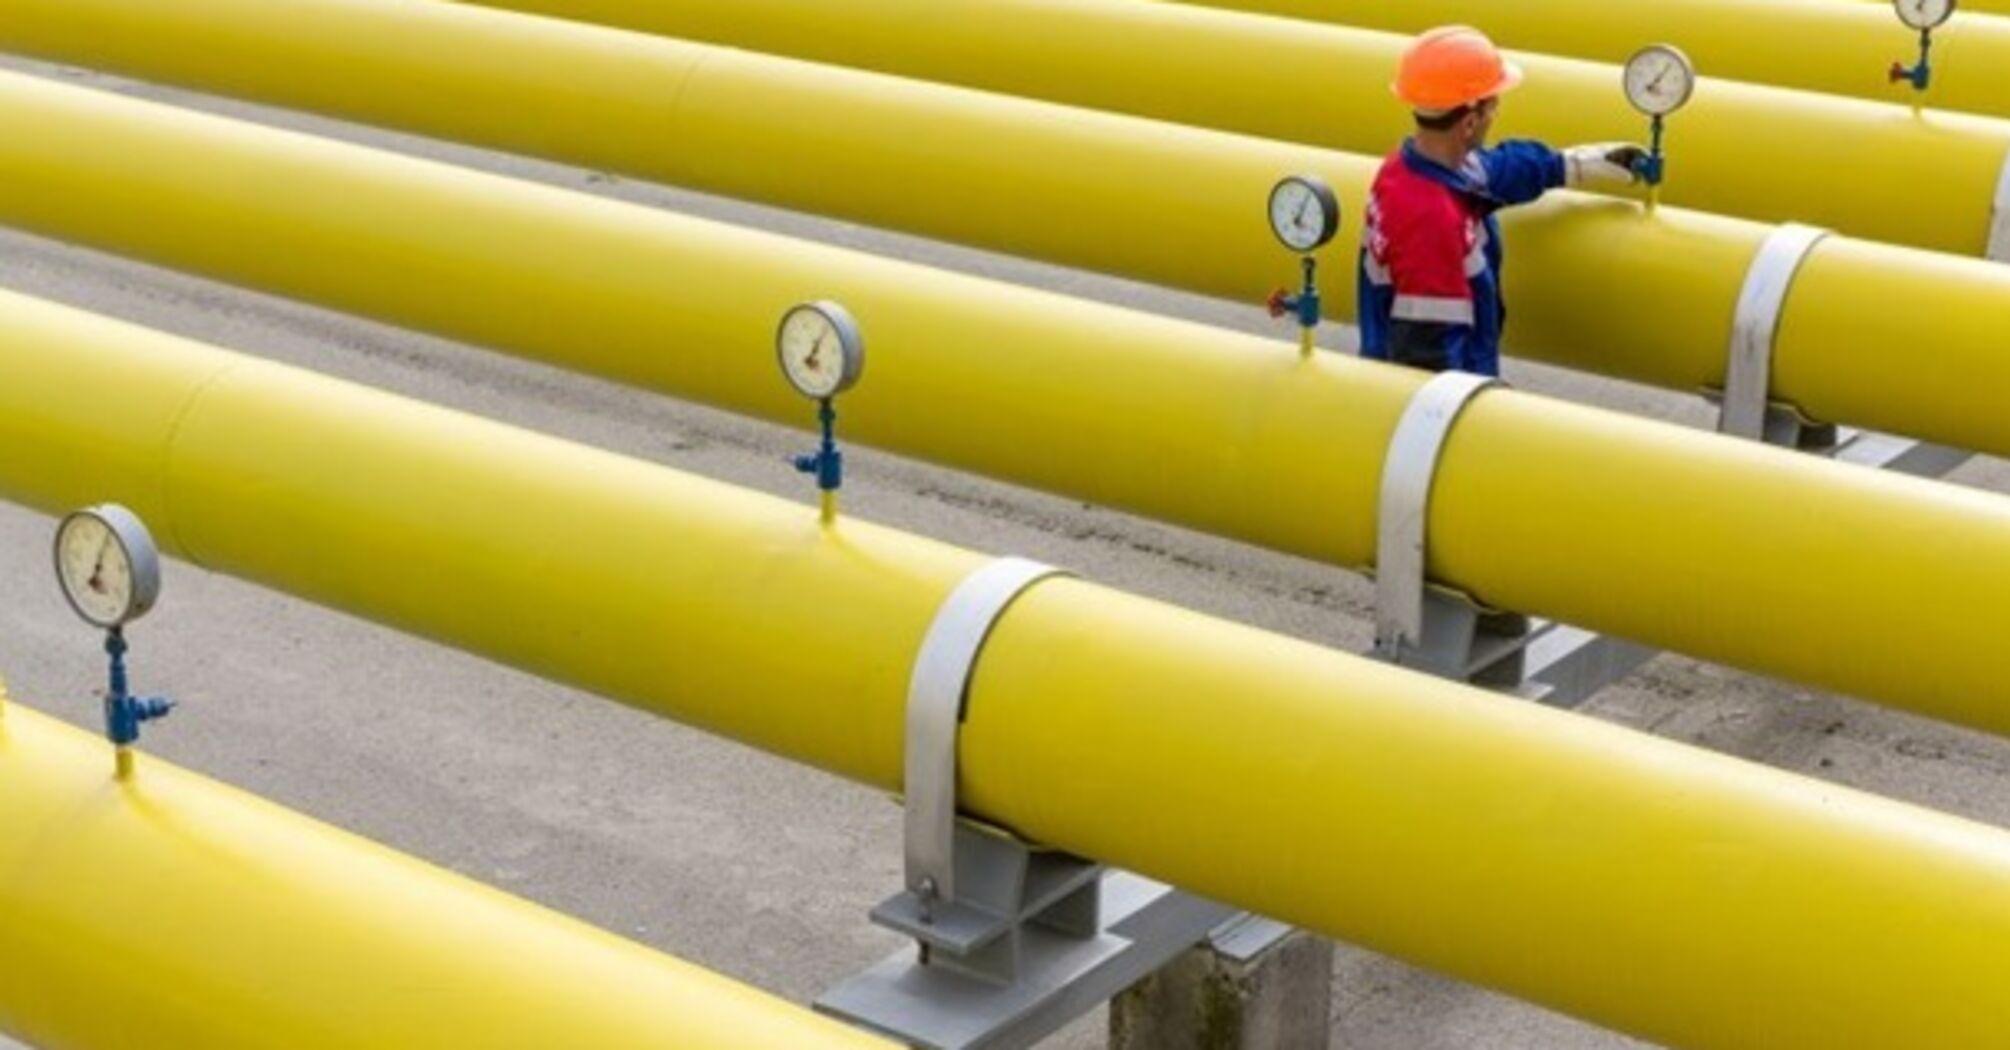 Цена на Газ в Европе выросла до максимума в 2020 году